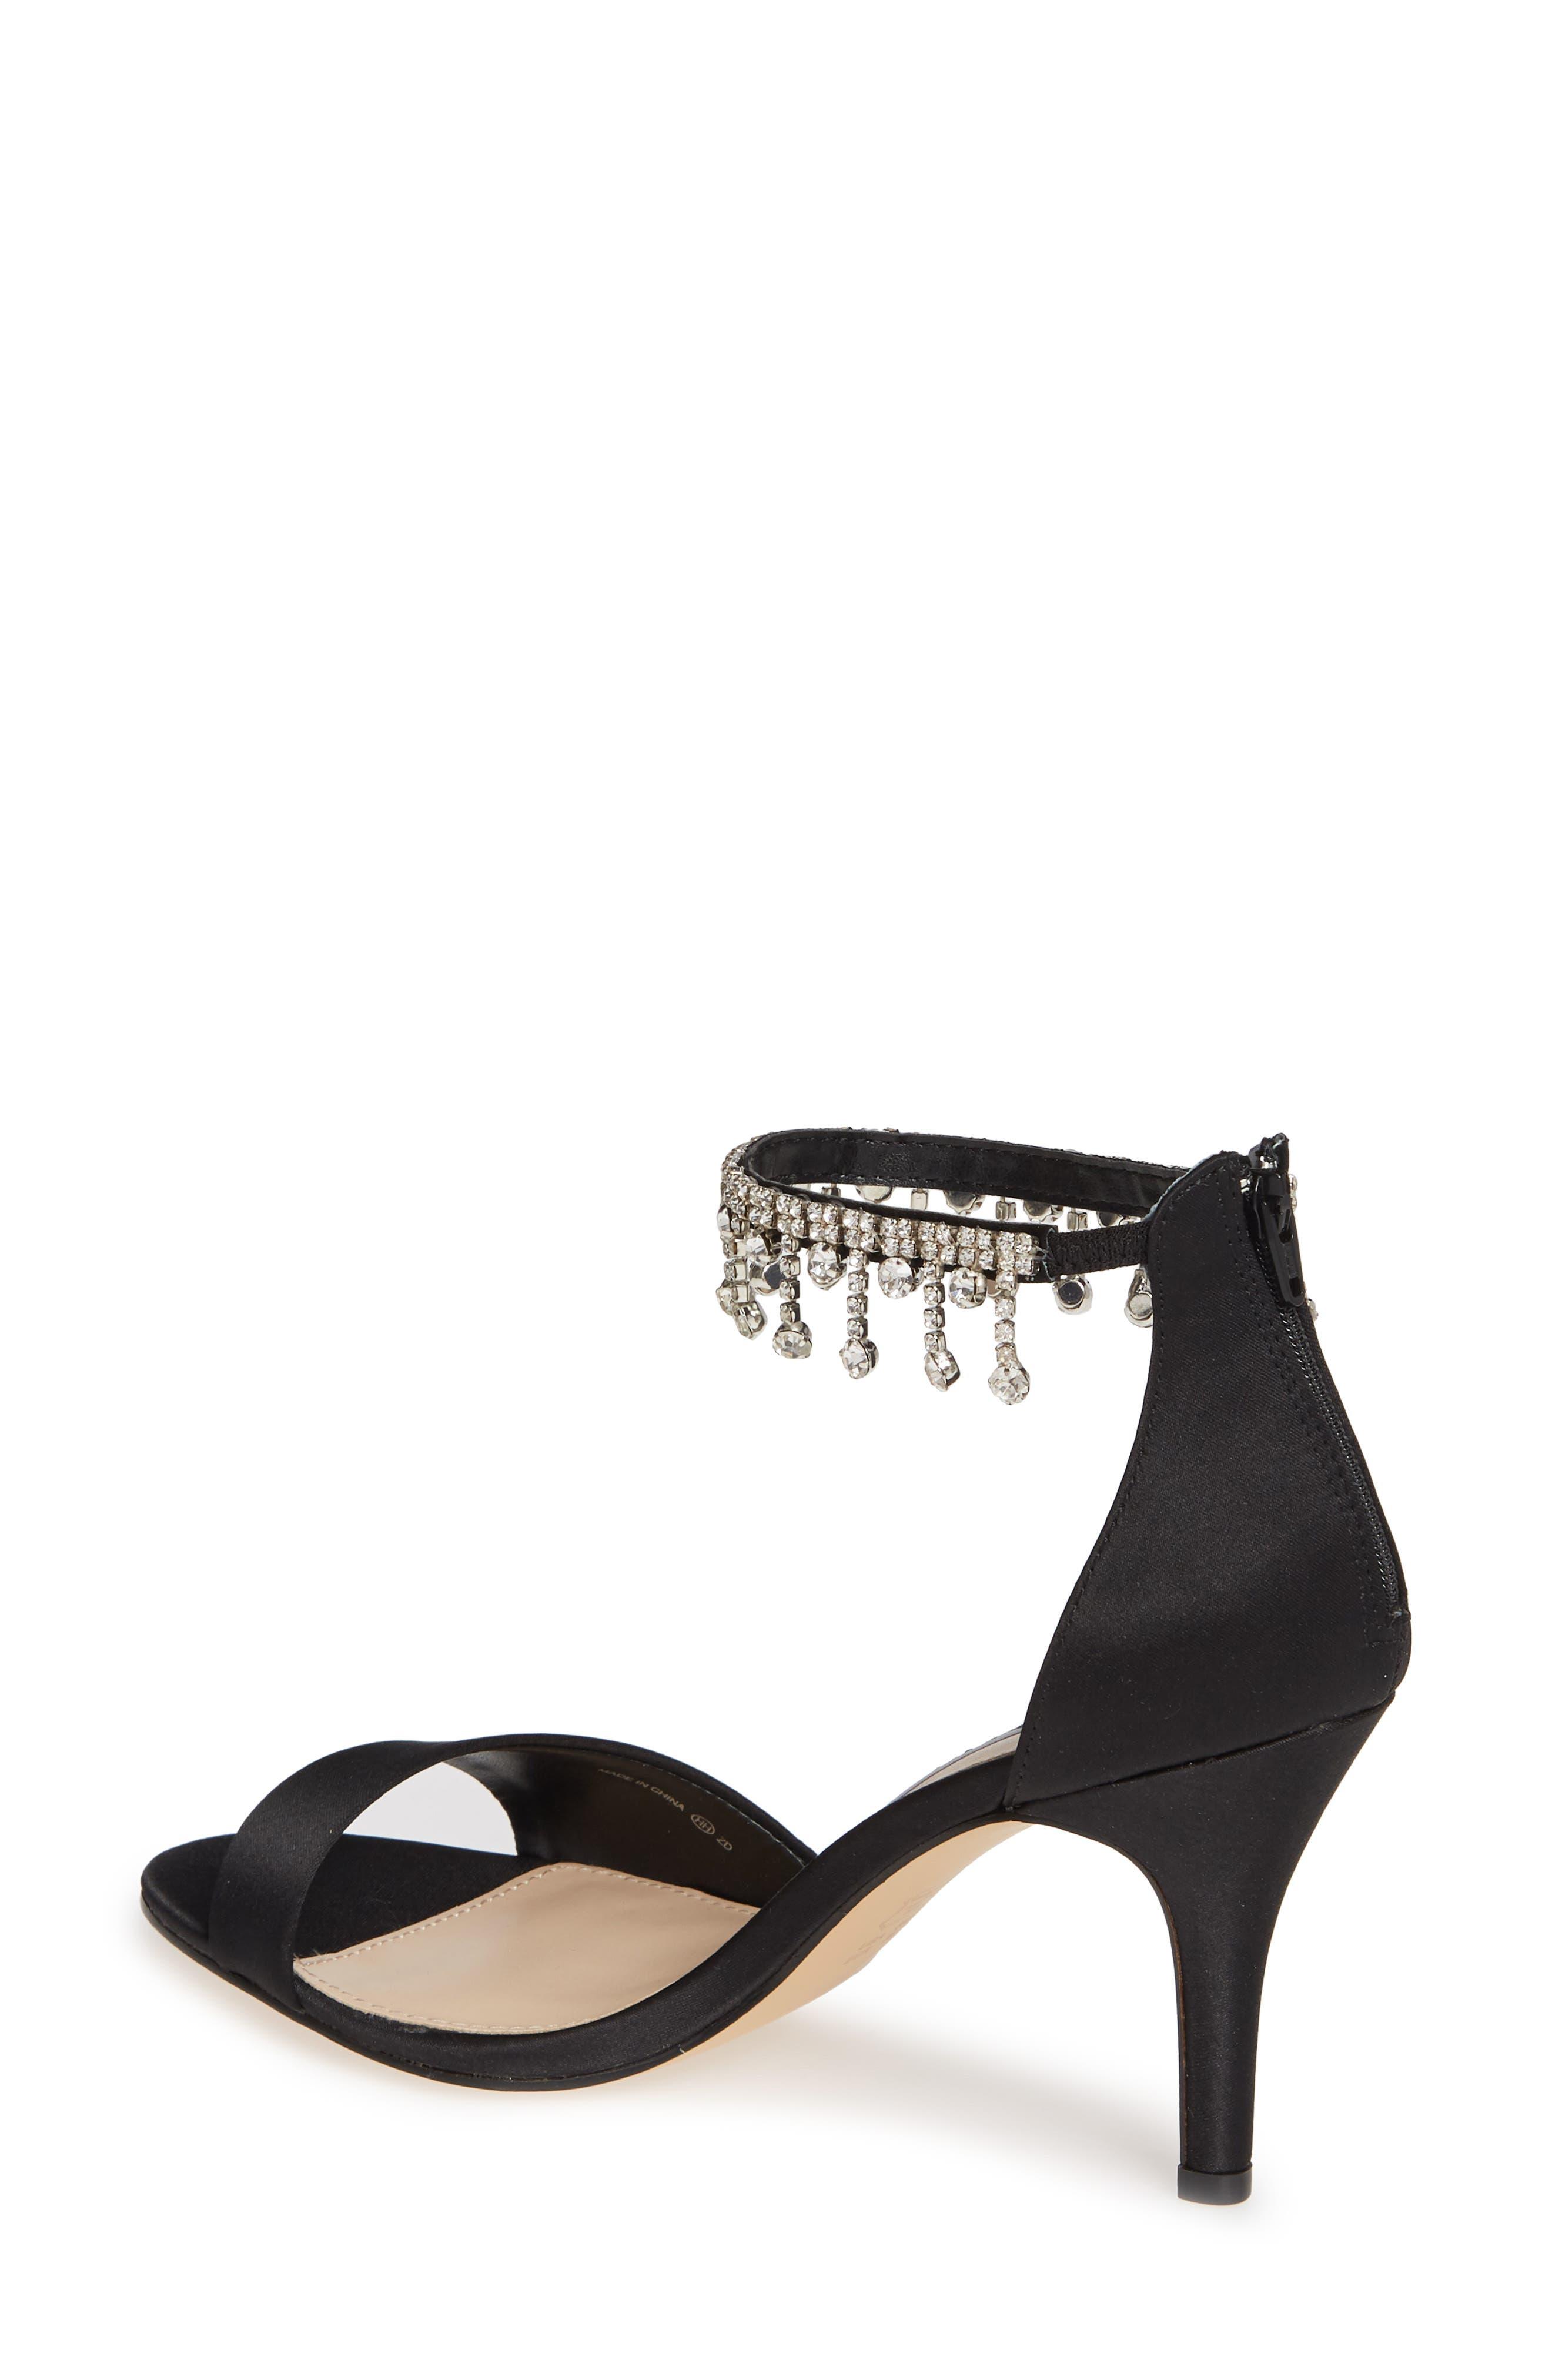 Vera Embellished Ankle Strap Sandal,                             Alternate thumbnail 2, color,                             BLACK SATIN